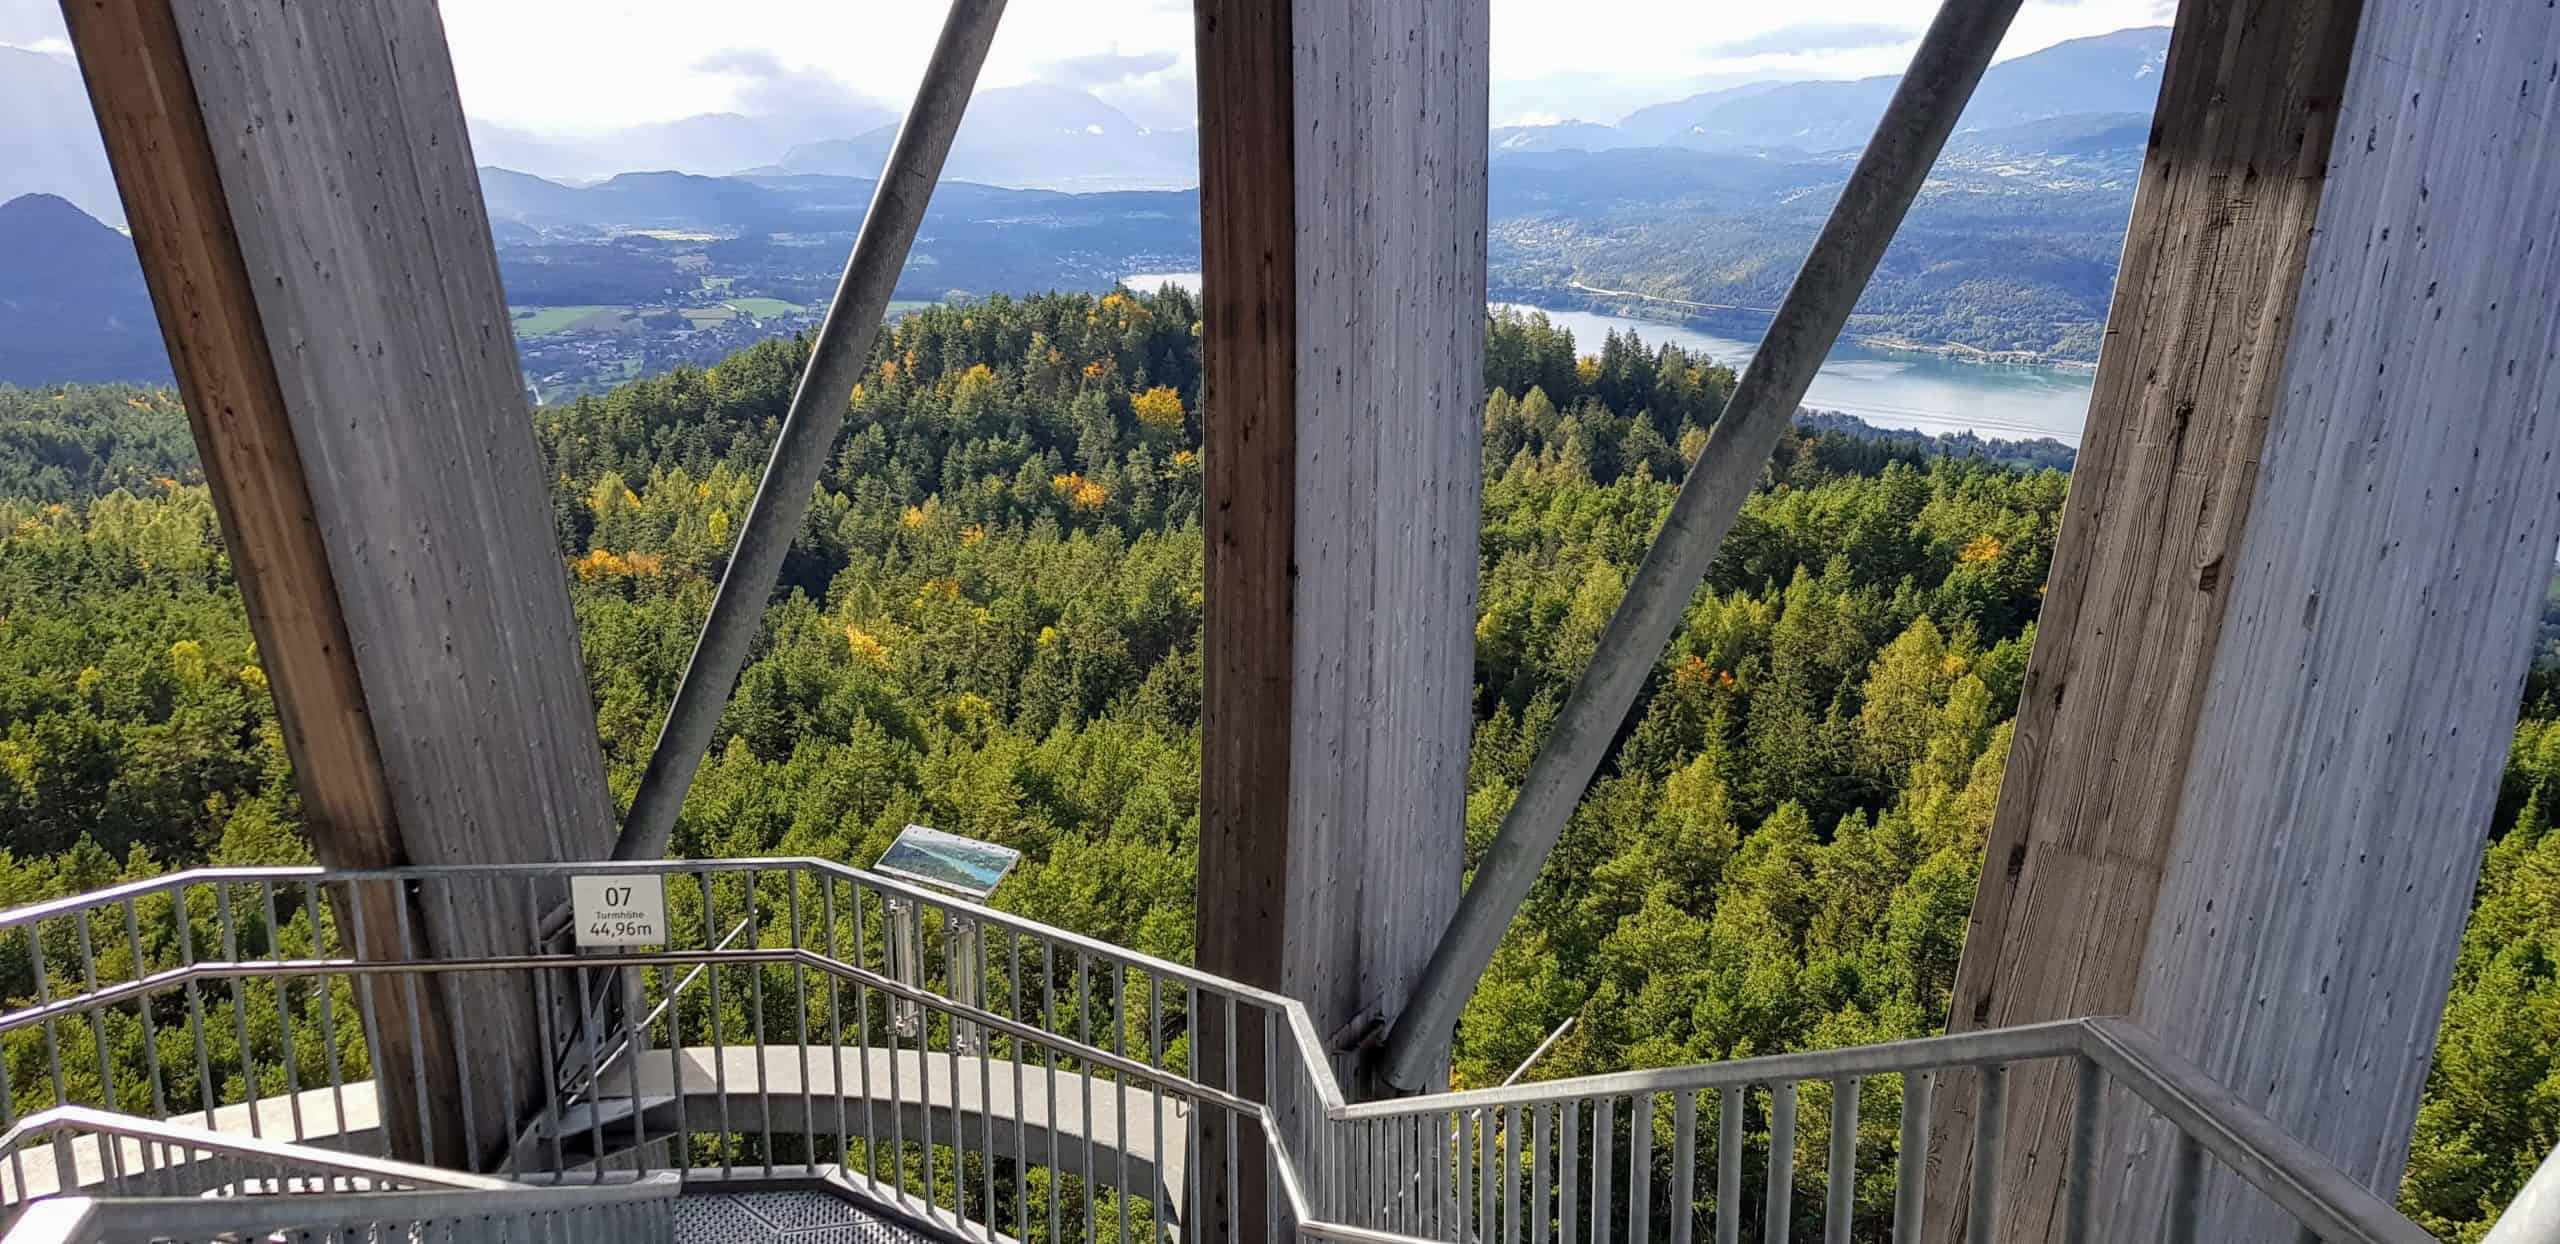 Holzkonstruktion Architektur Pyramidenkogel mit Aussicht auf Kärnten, Velden und Wörthersee. Aufgang über Treppe auf Aussichtsturm im Herbst.